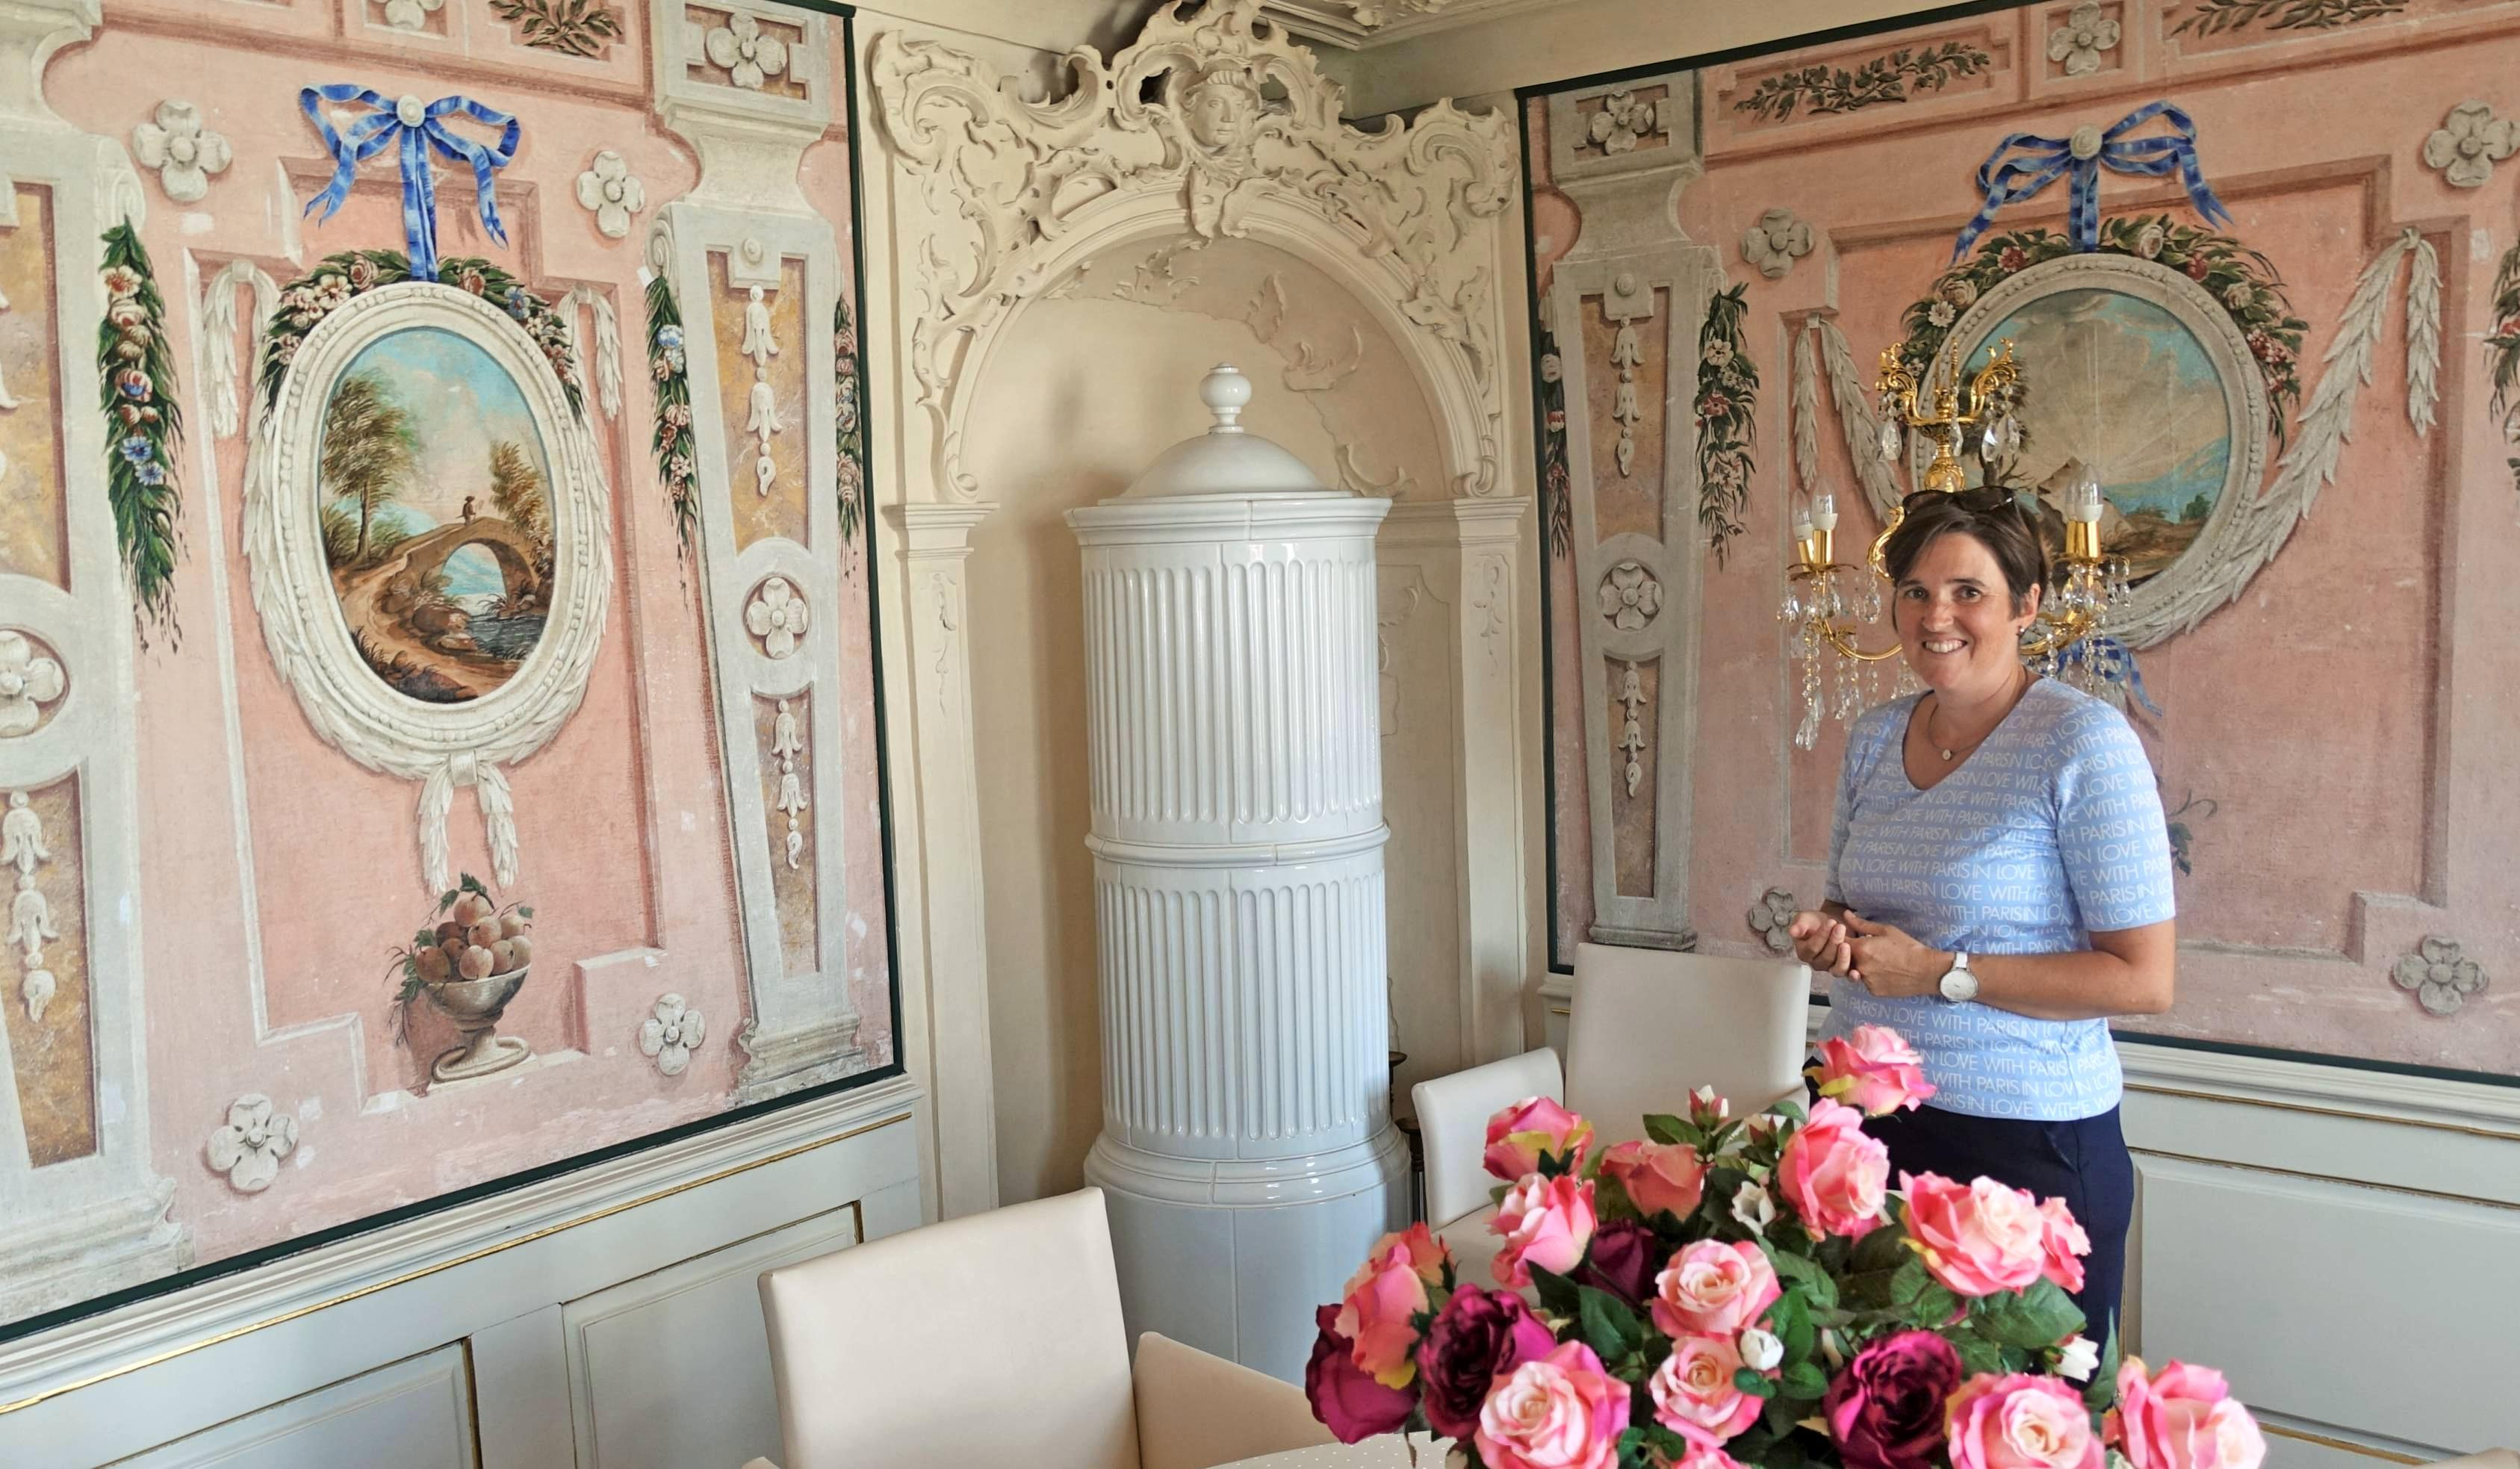 In barocker Pracht erscheint das Kabinett von Fürstin Anna Felicitas, durch das Tina Blanck ausnahmsweise im modernen Outfit führt.